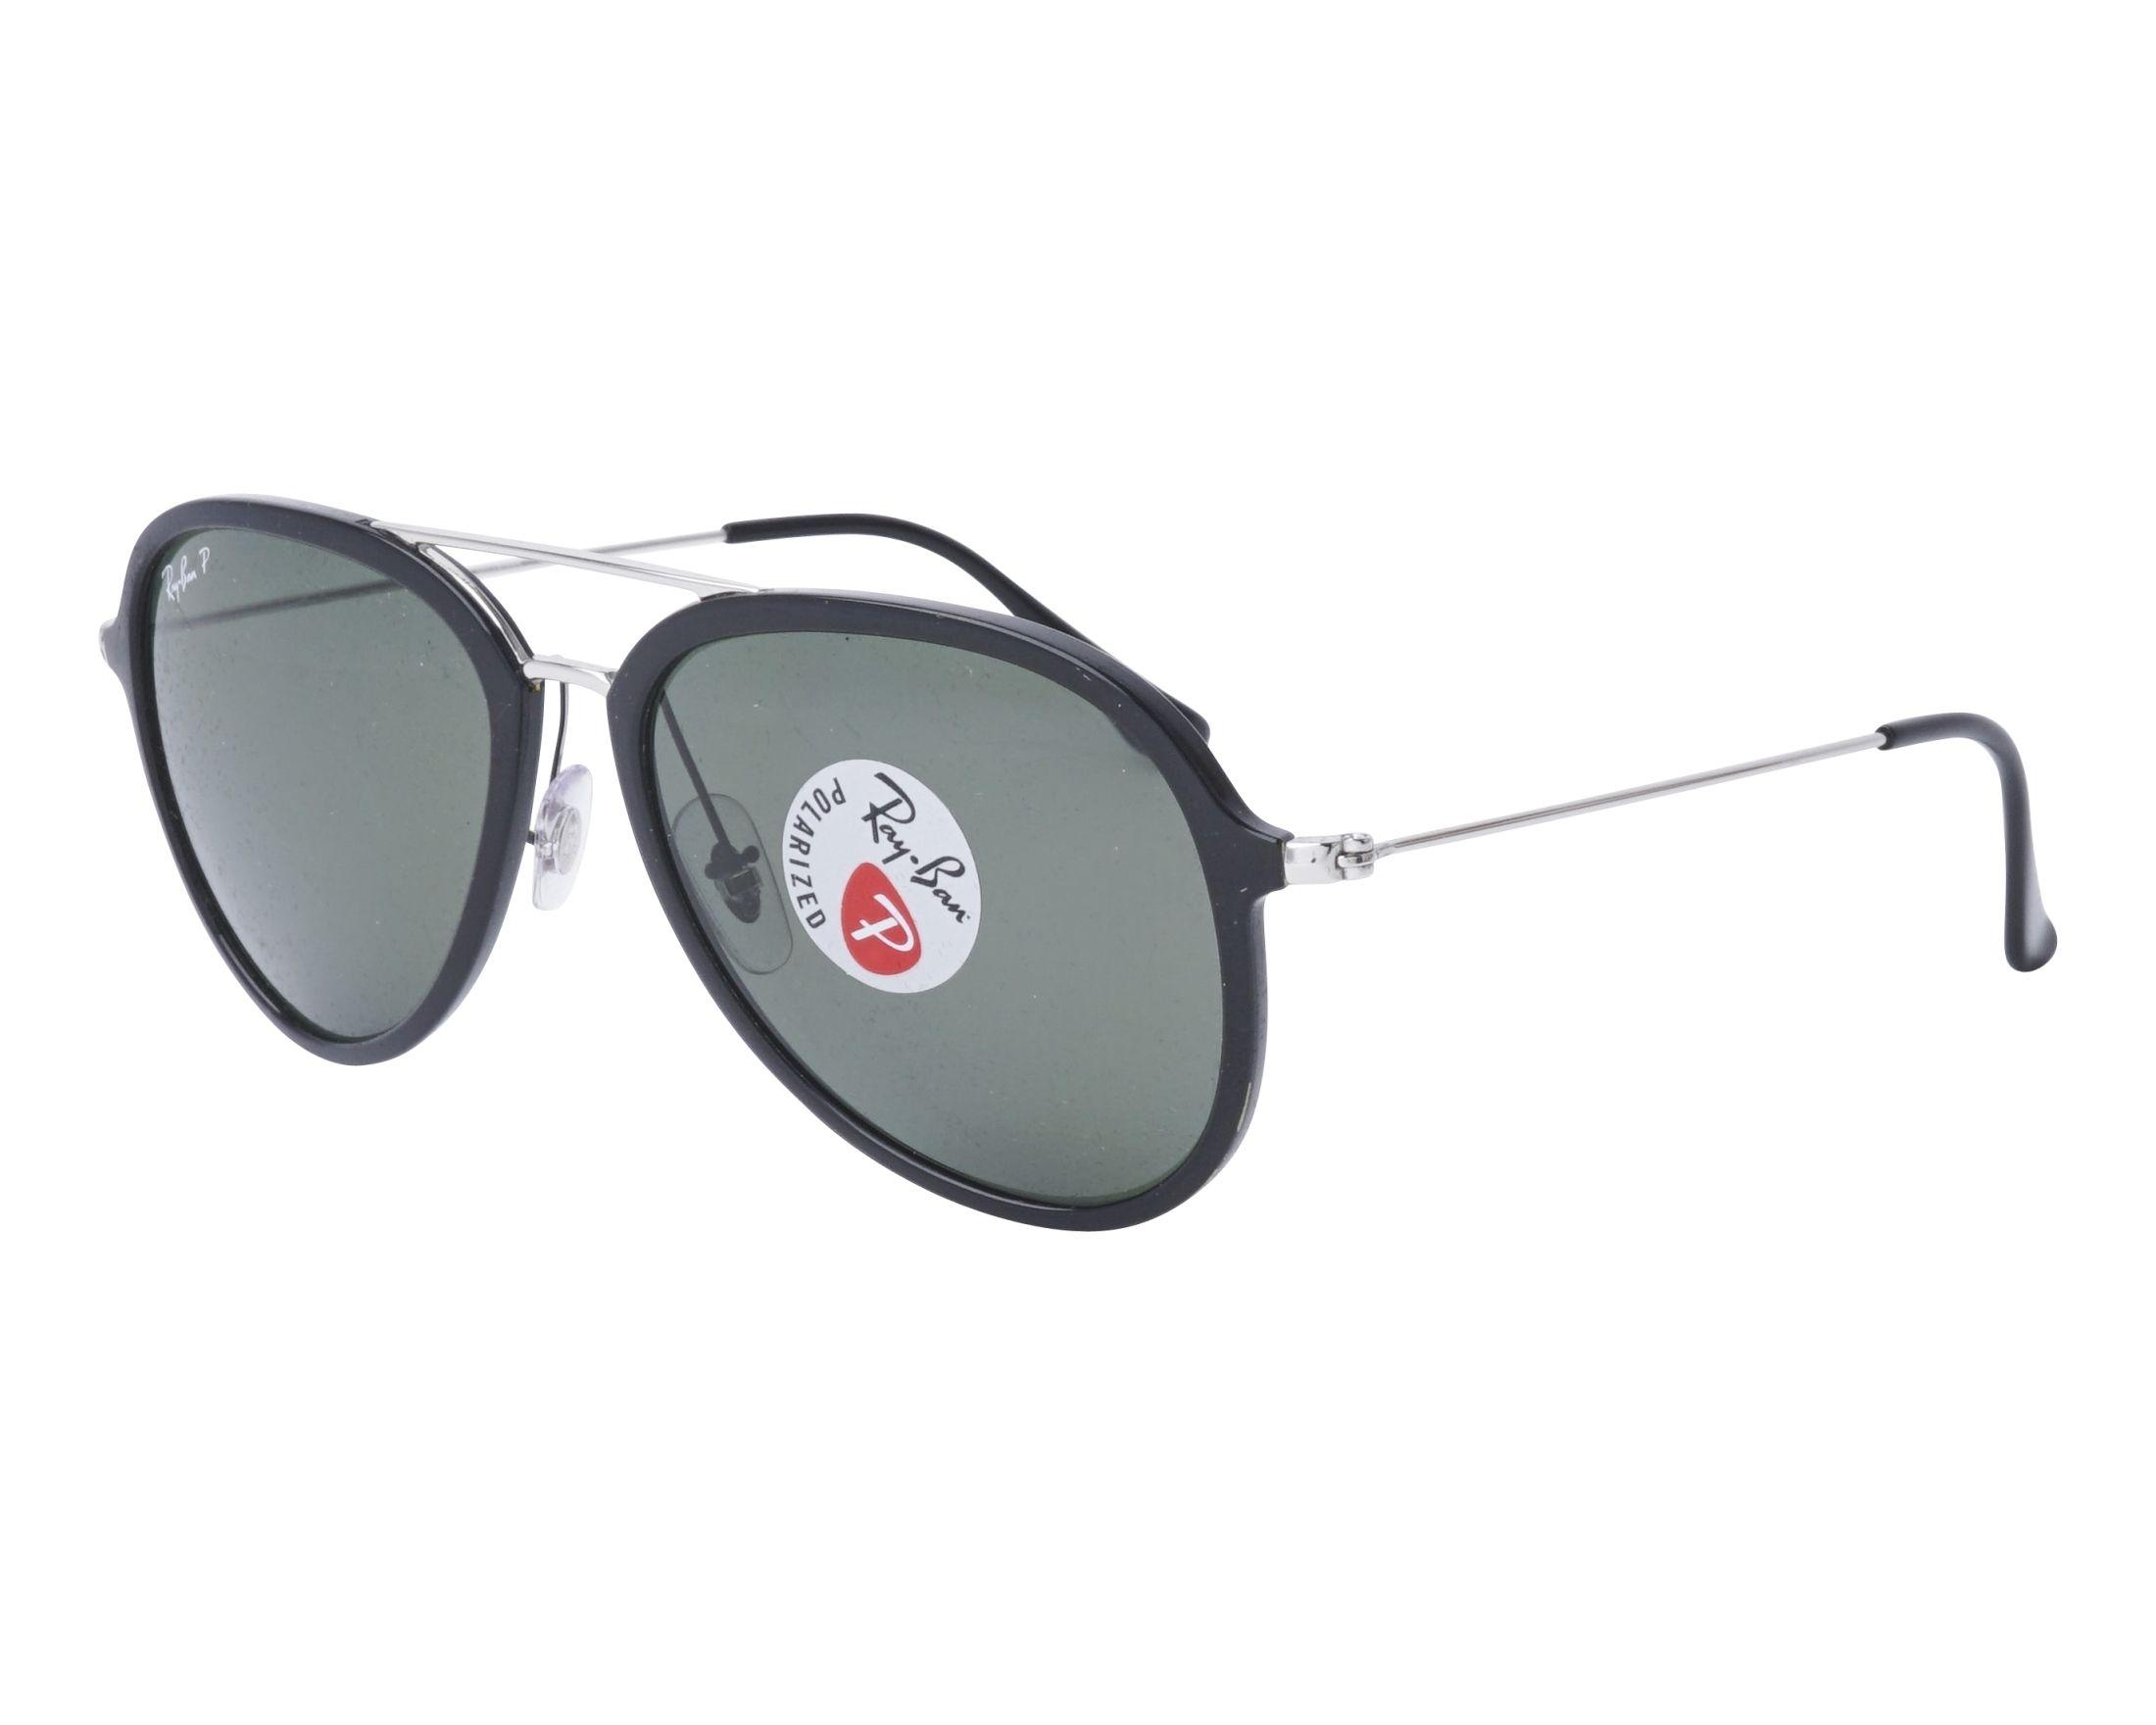 Sonnenbrillen Ray-Ban RB-4298 601/9A 57-17 schwarz silber Profilansicht